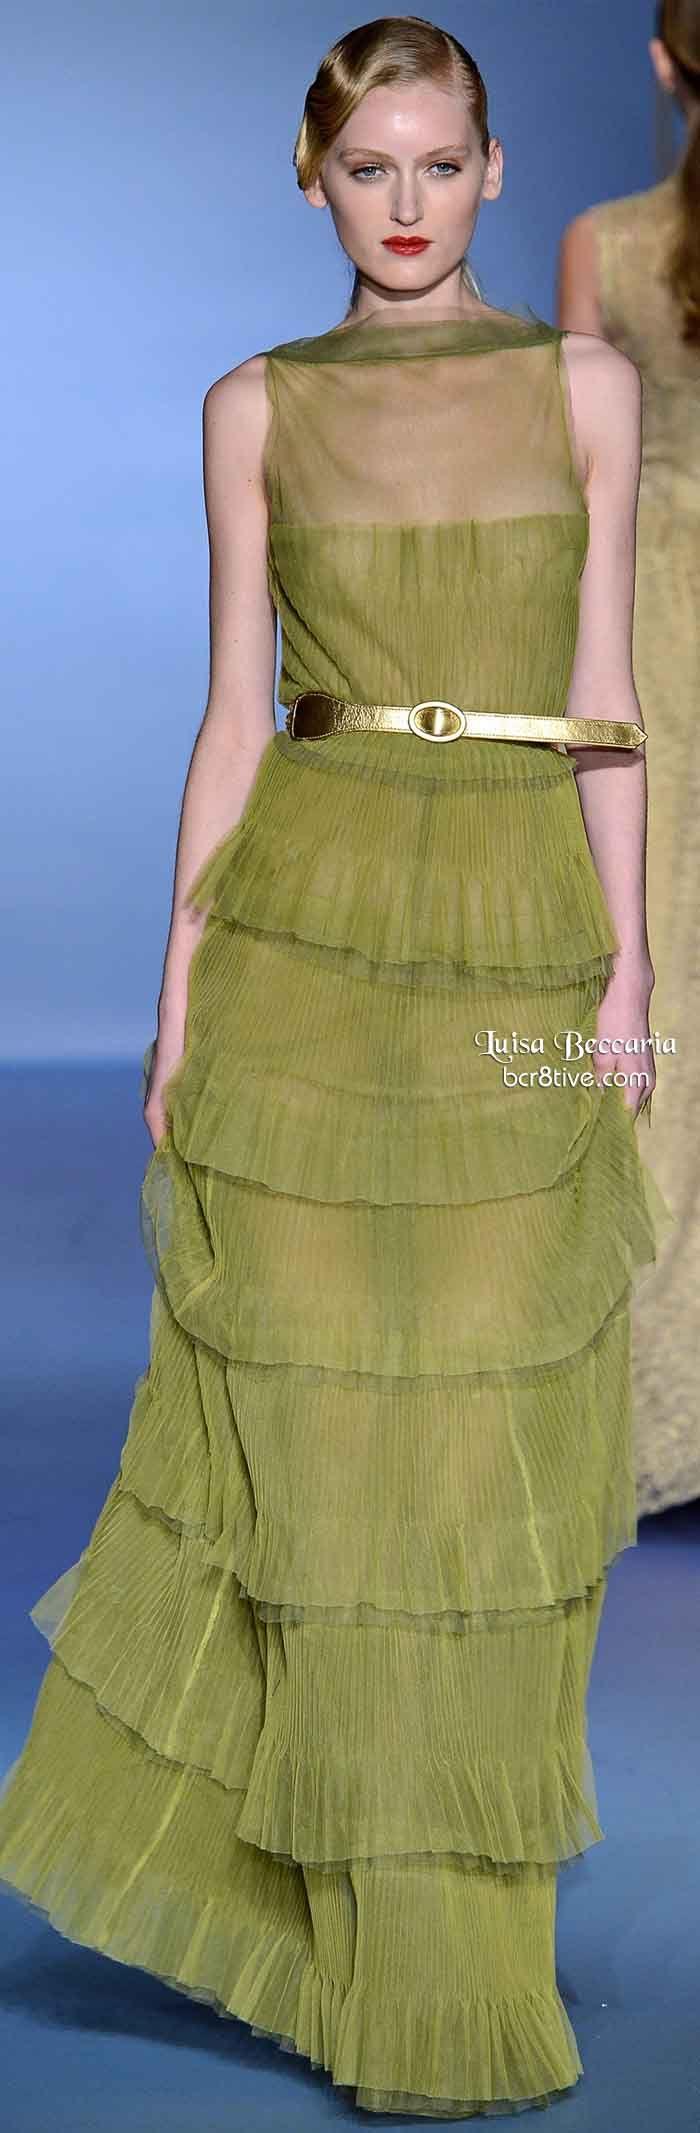 Farb-und Stilberatung mit www.farben-reich.com - Luisa Beccaria Winter 2013-14